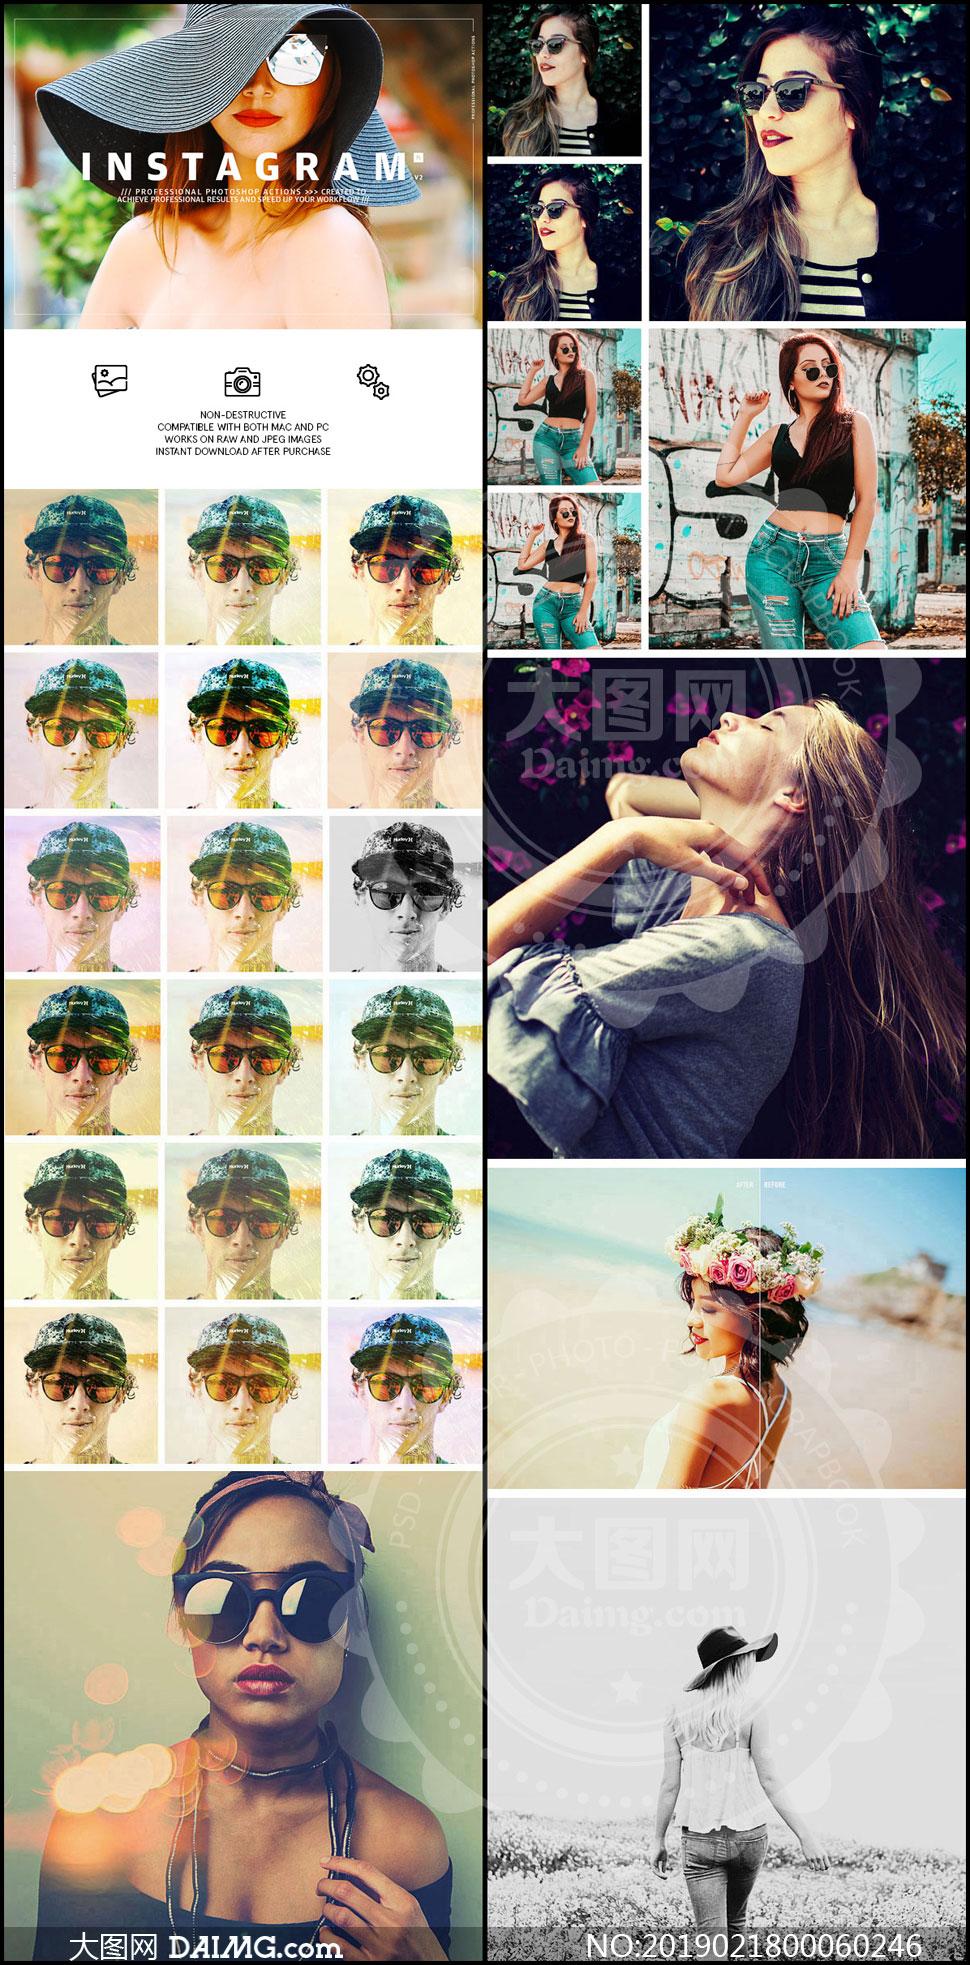 中文版Instagram滤镜复古效果PS动作V2